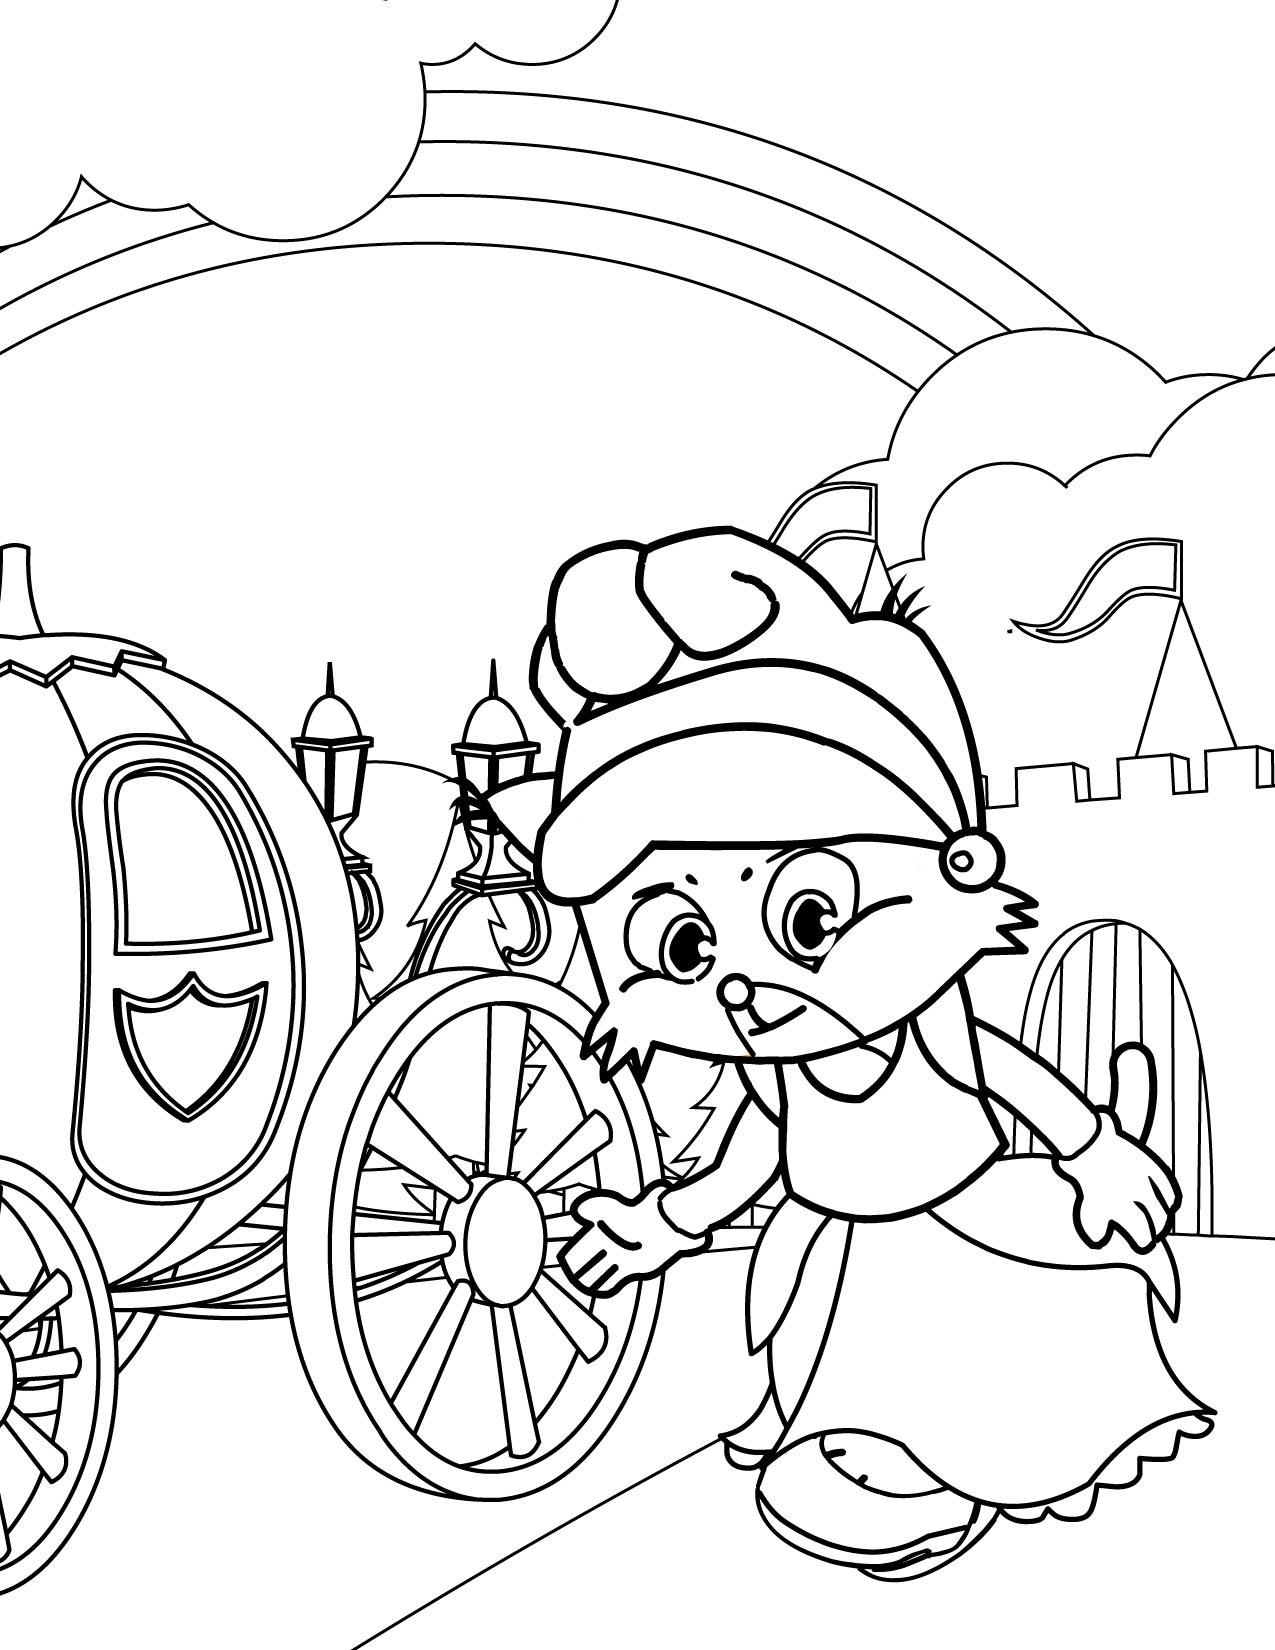 cinderella coloring page handipoints